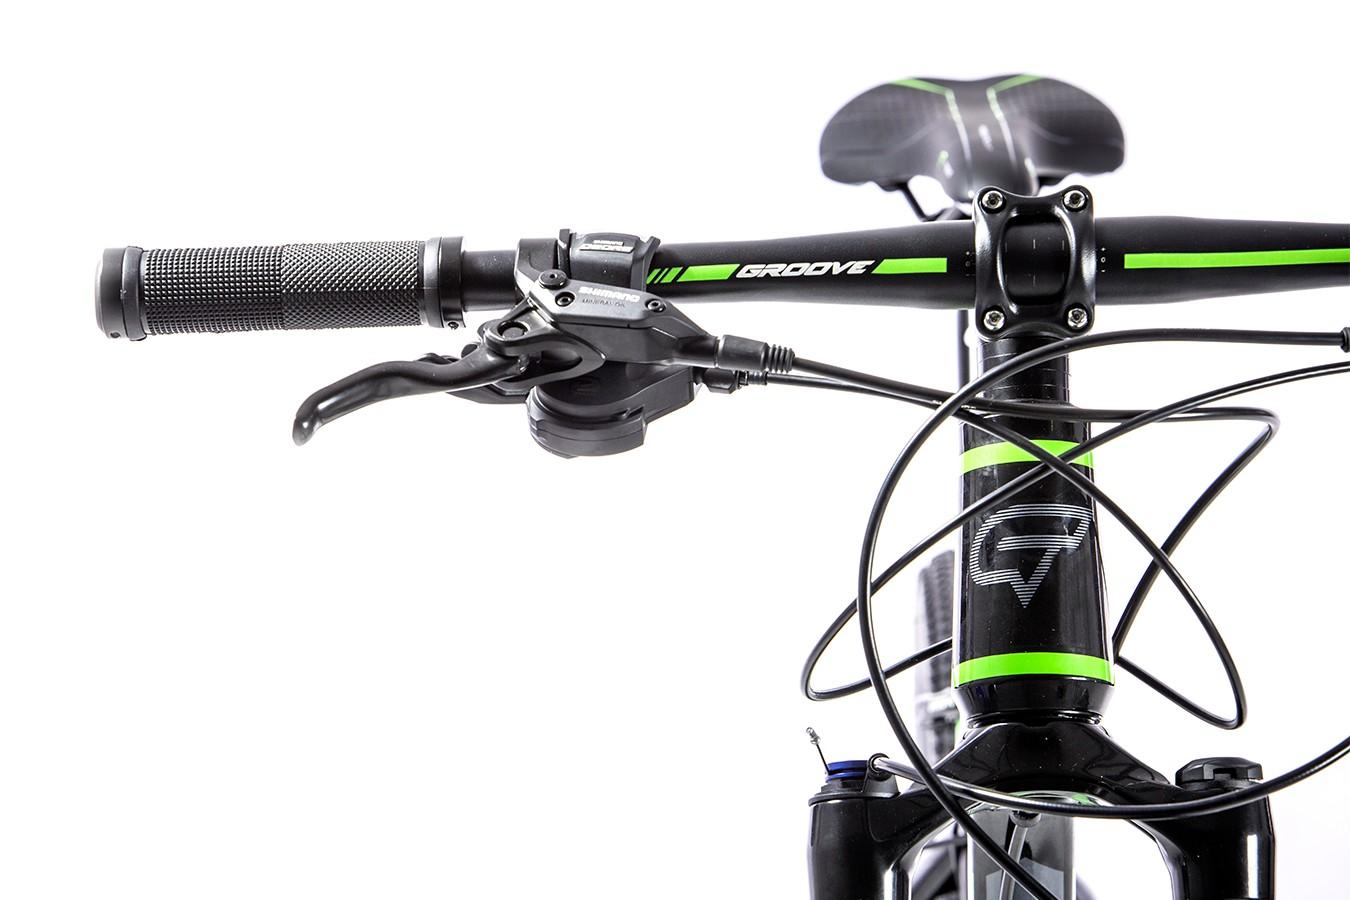 Bicicleta 29 Riff 70 20V - Groove